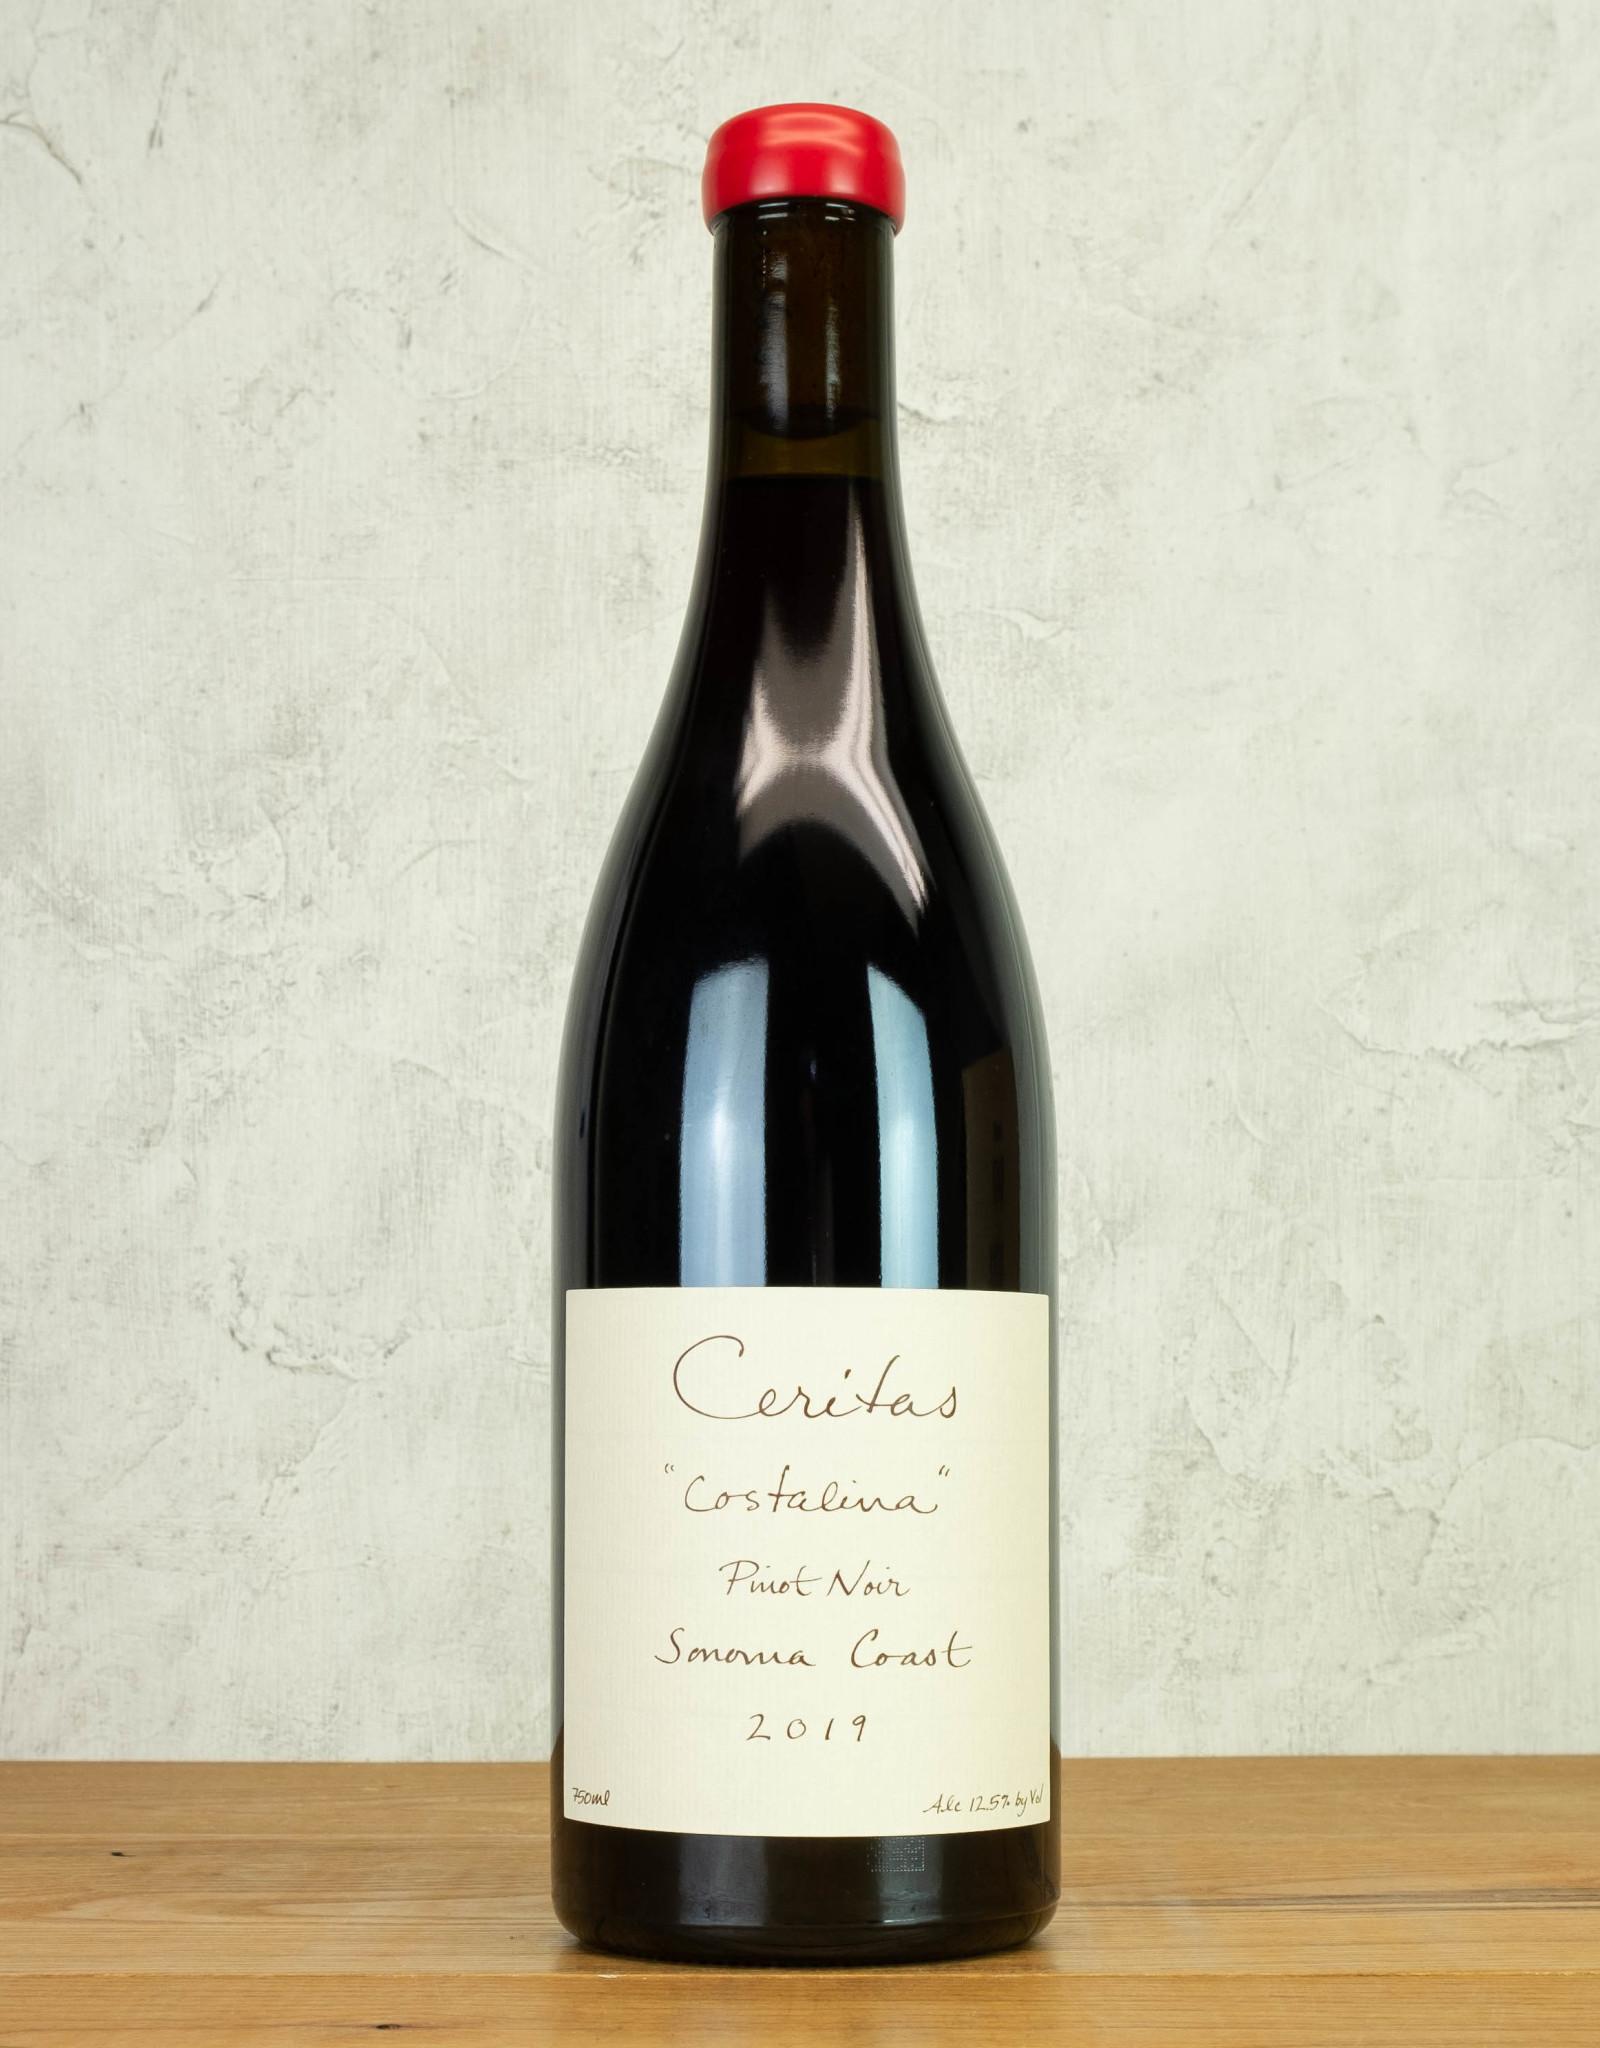 Ceritas Costalina Pinot Noir